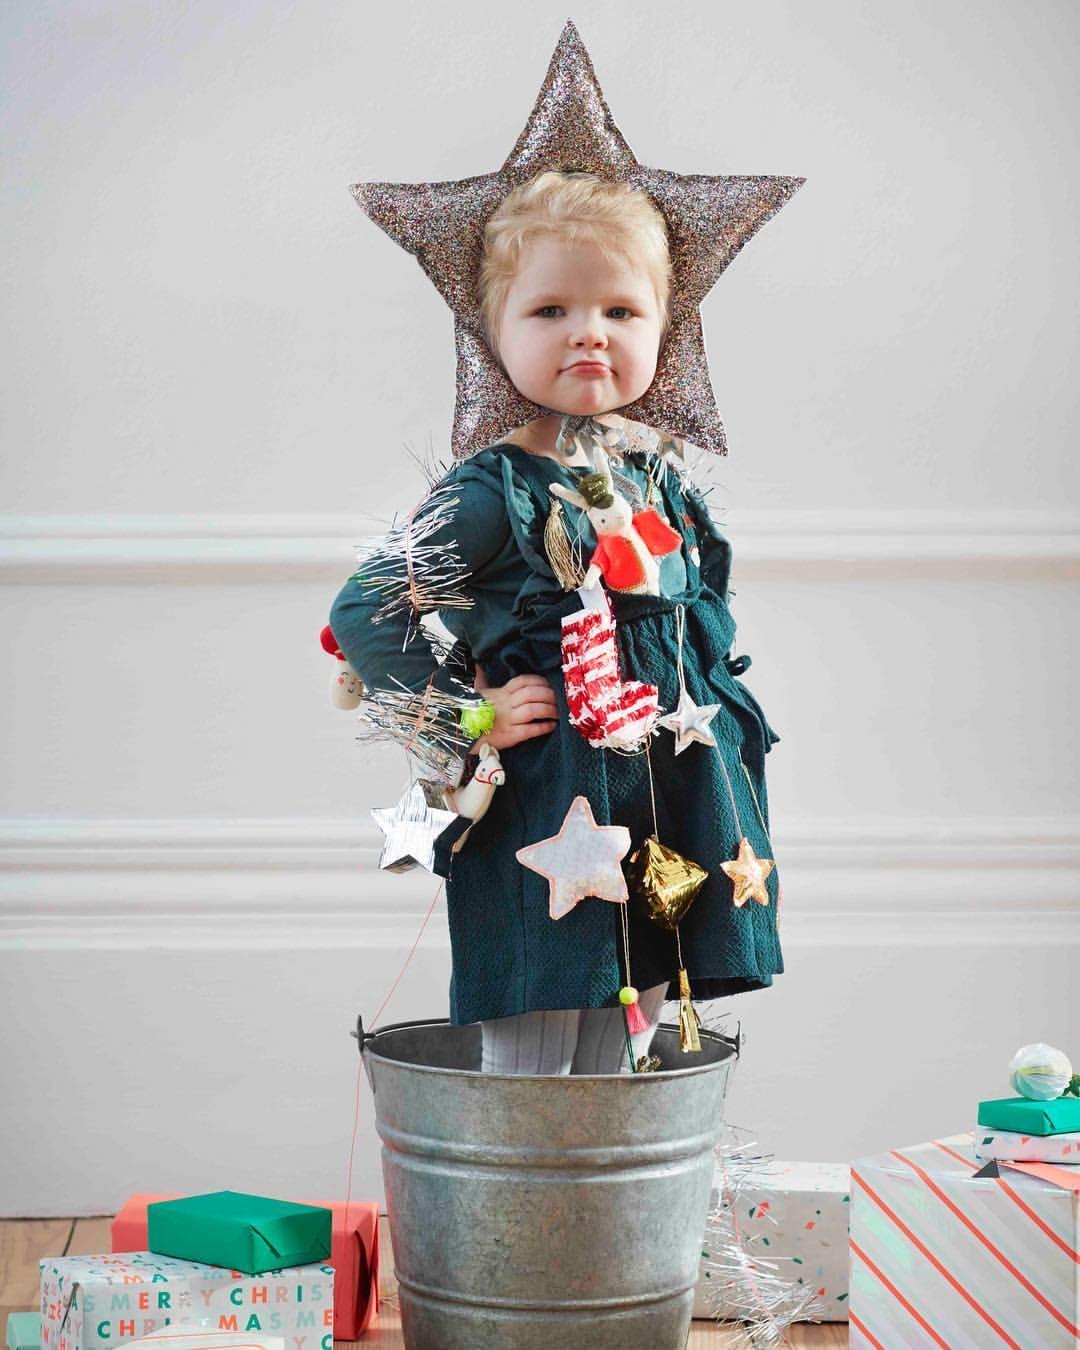 Christmas Tree Christmas Tree Costume Santa And Reindeer Christmas Dress Up